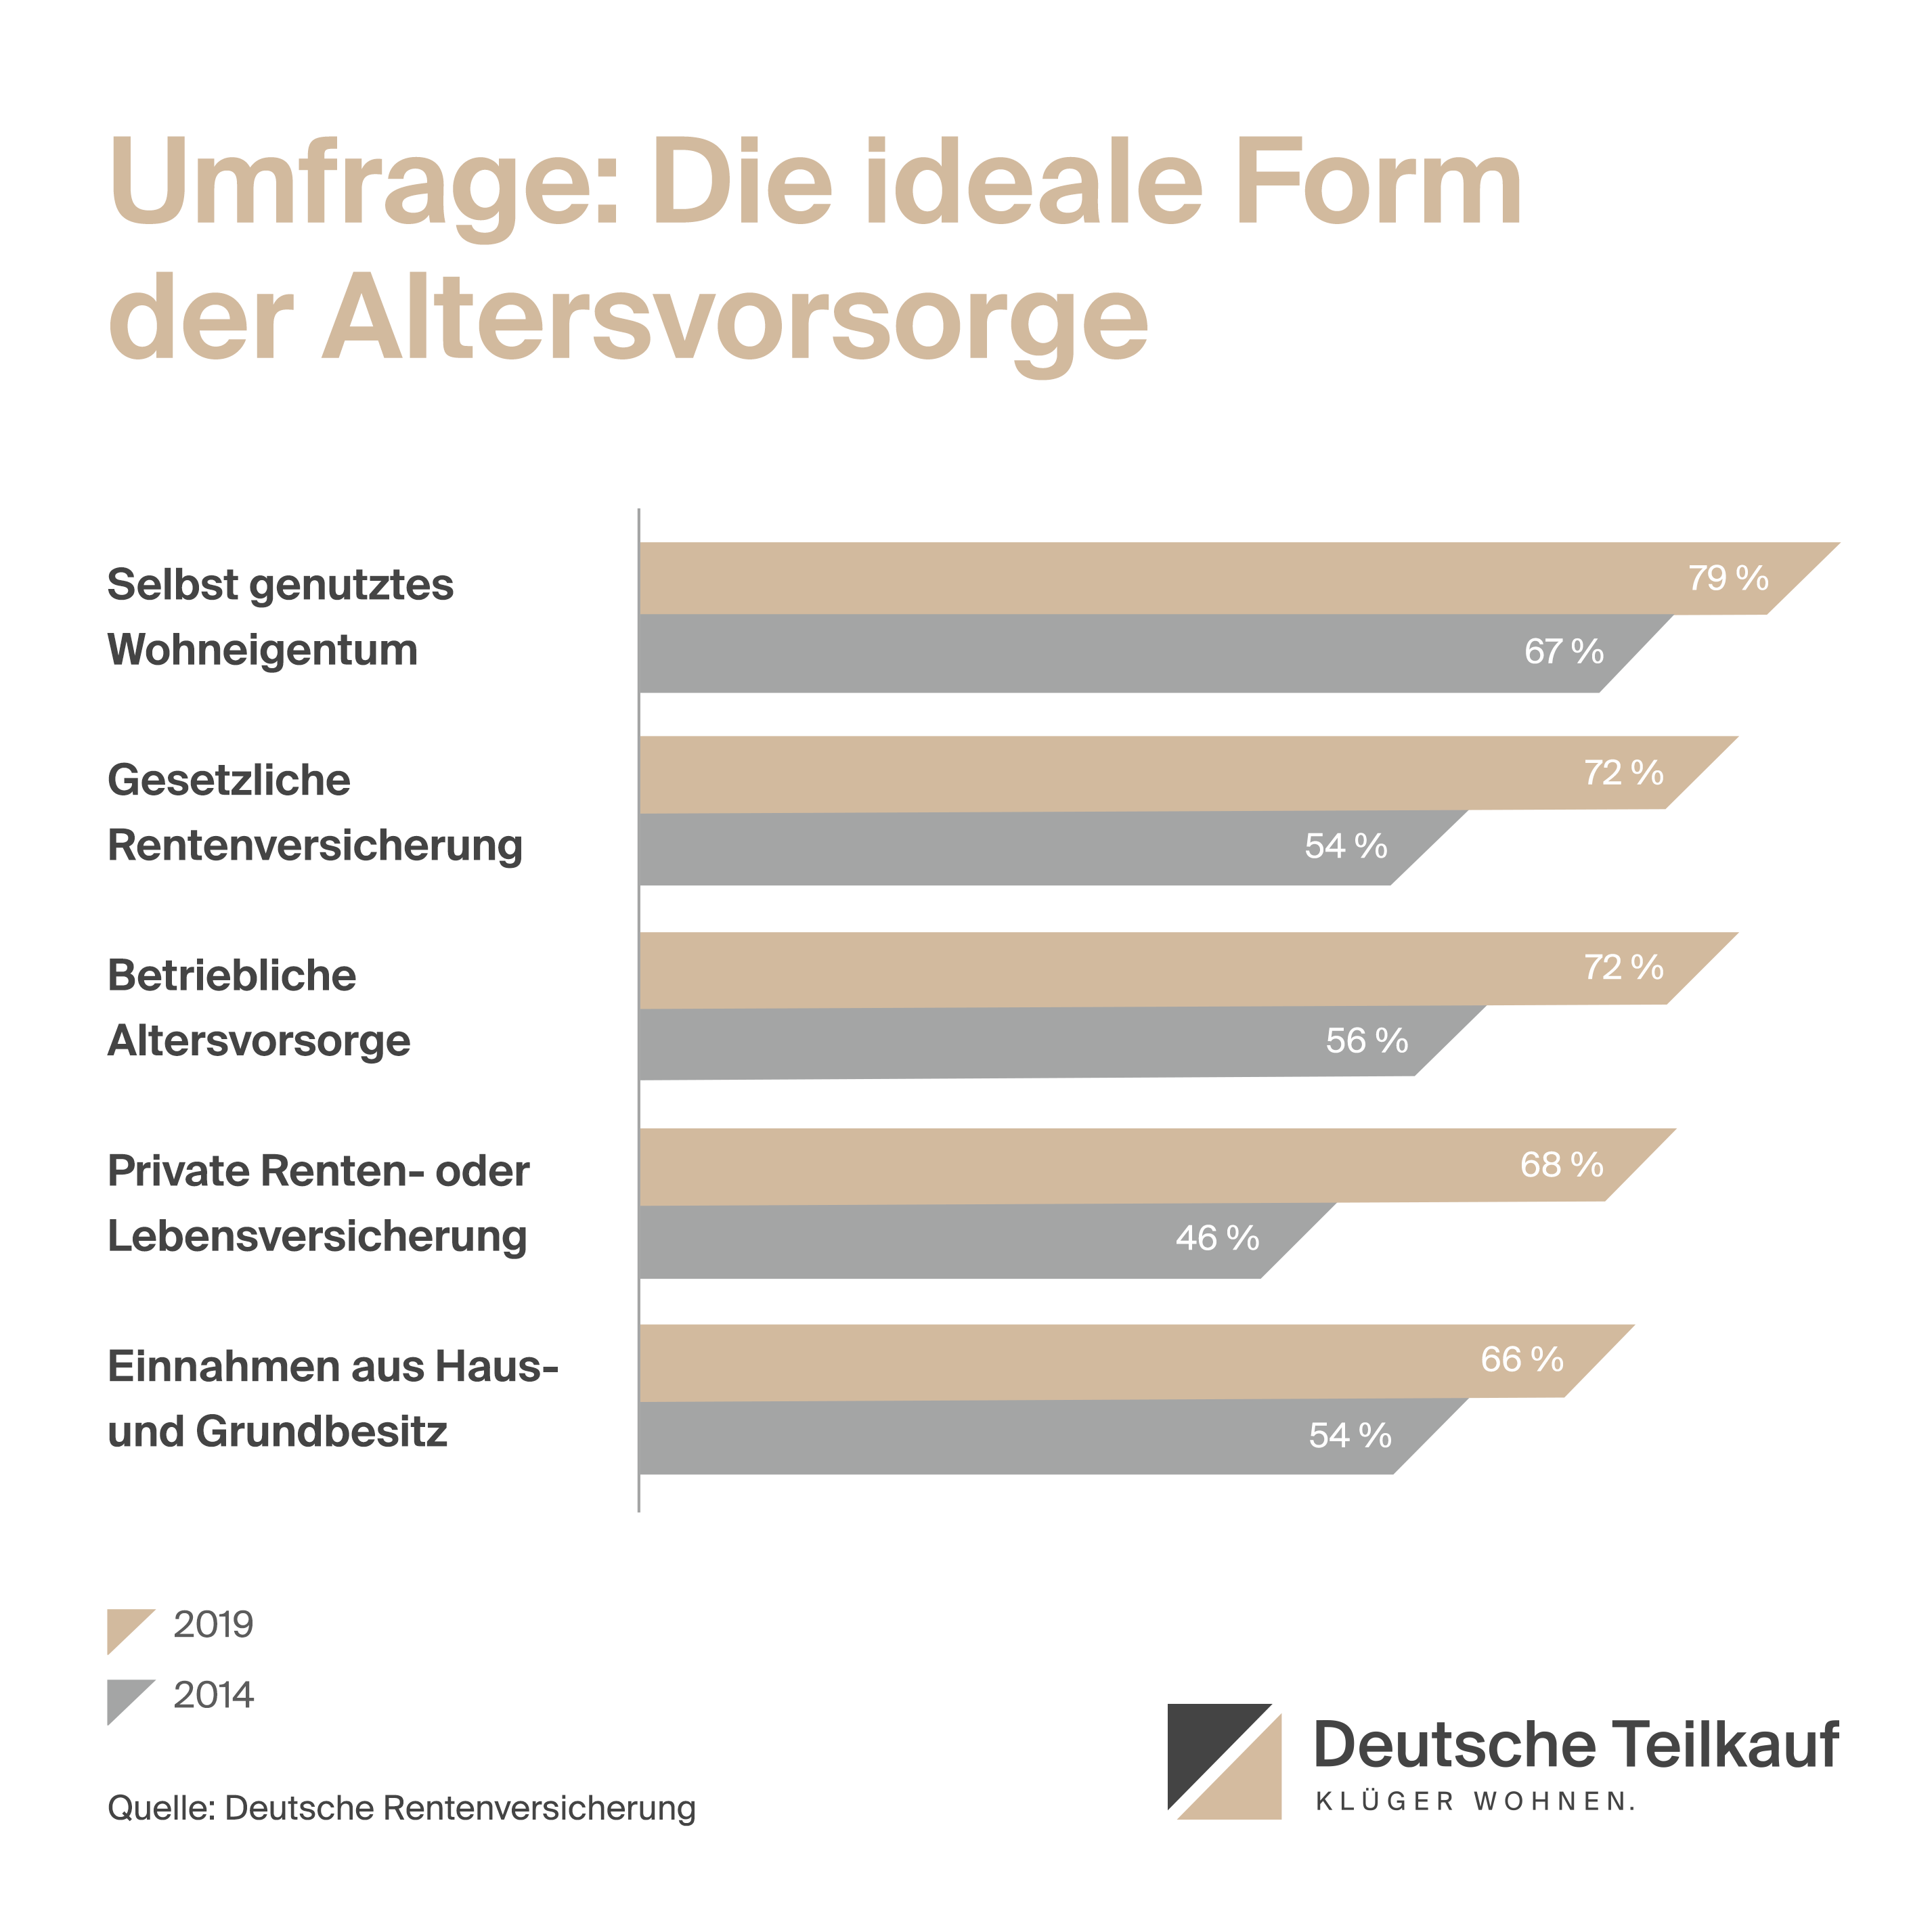 Deutsche Teilkauf Umfrageergebnisse zur idealen Form der Altersvorsorge